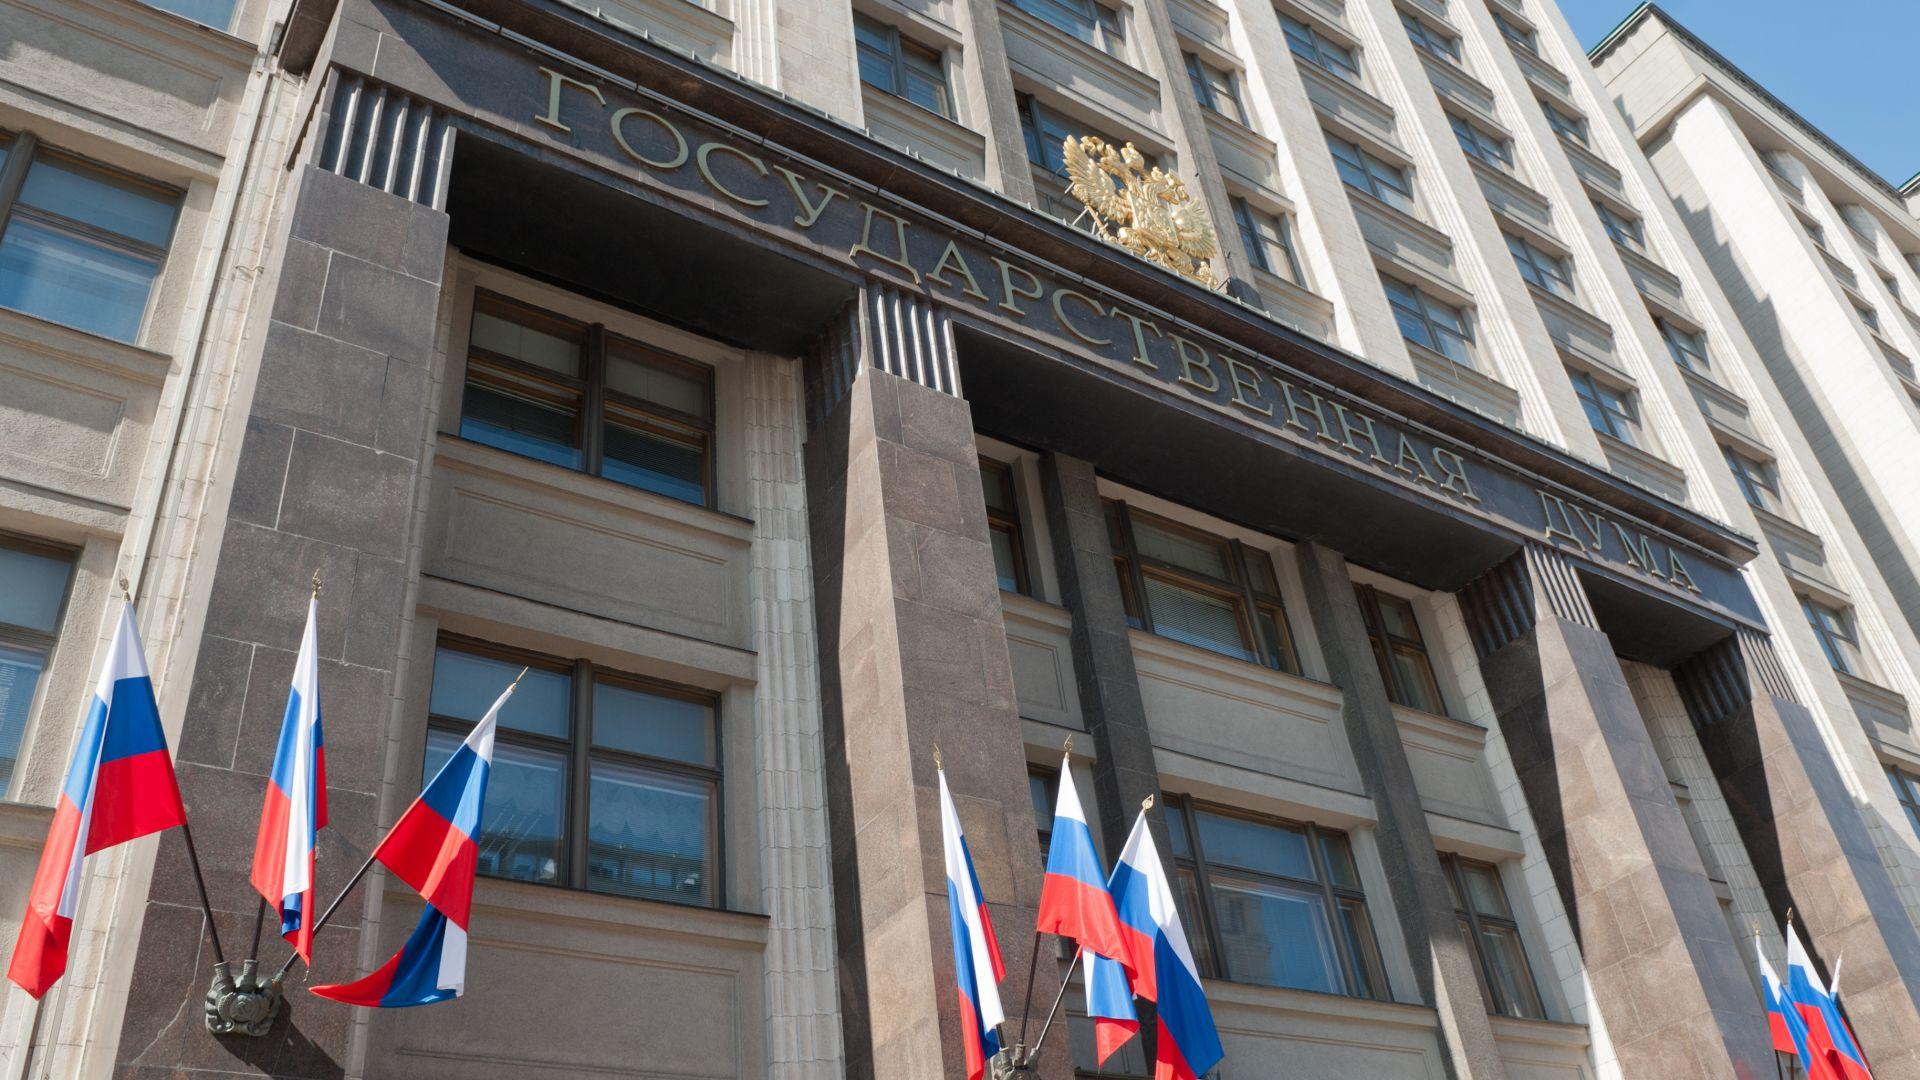 Руският парламент обяви конкурс за рап песен, предаде Асошиейтед прес.